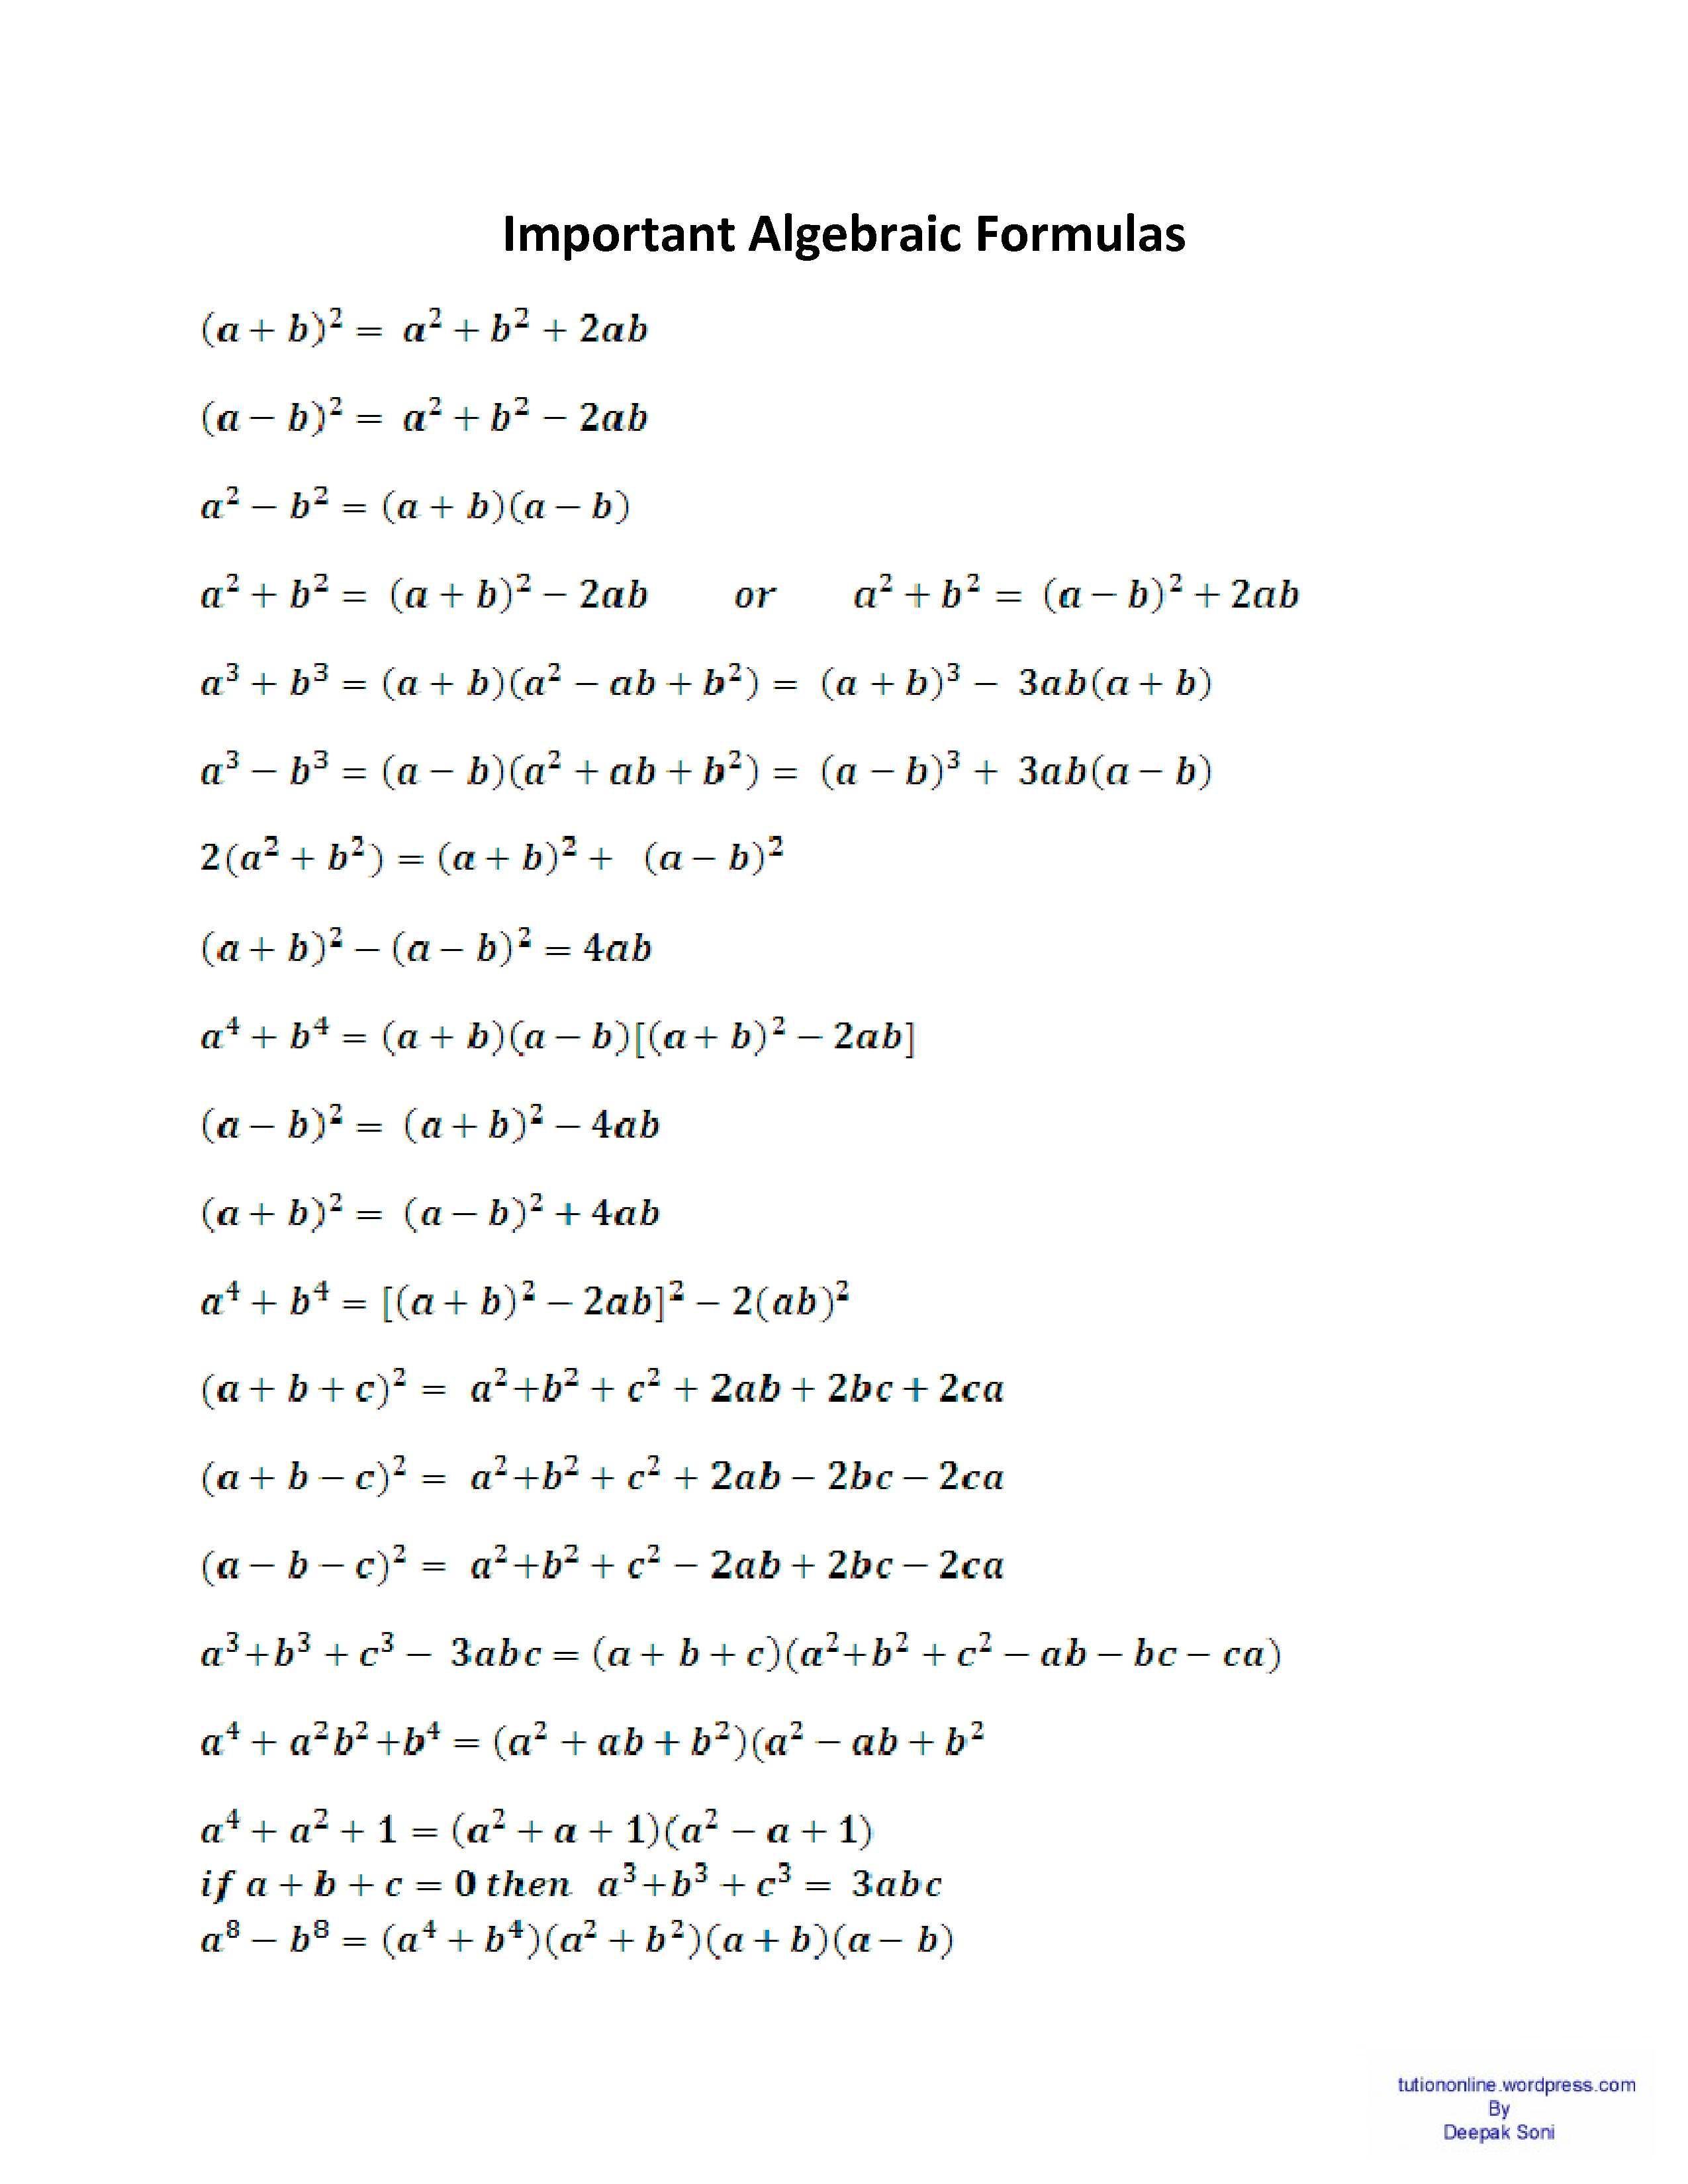 Basic Algebraic Formulas